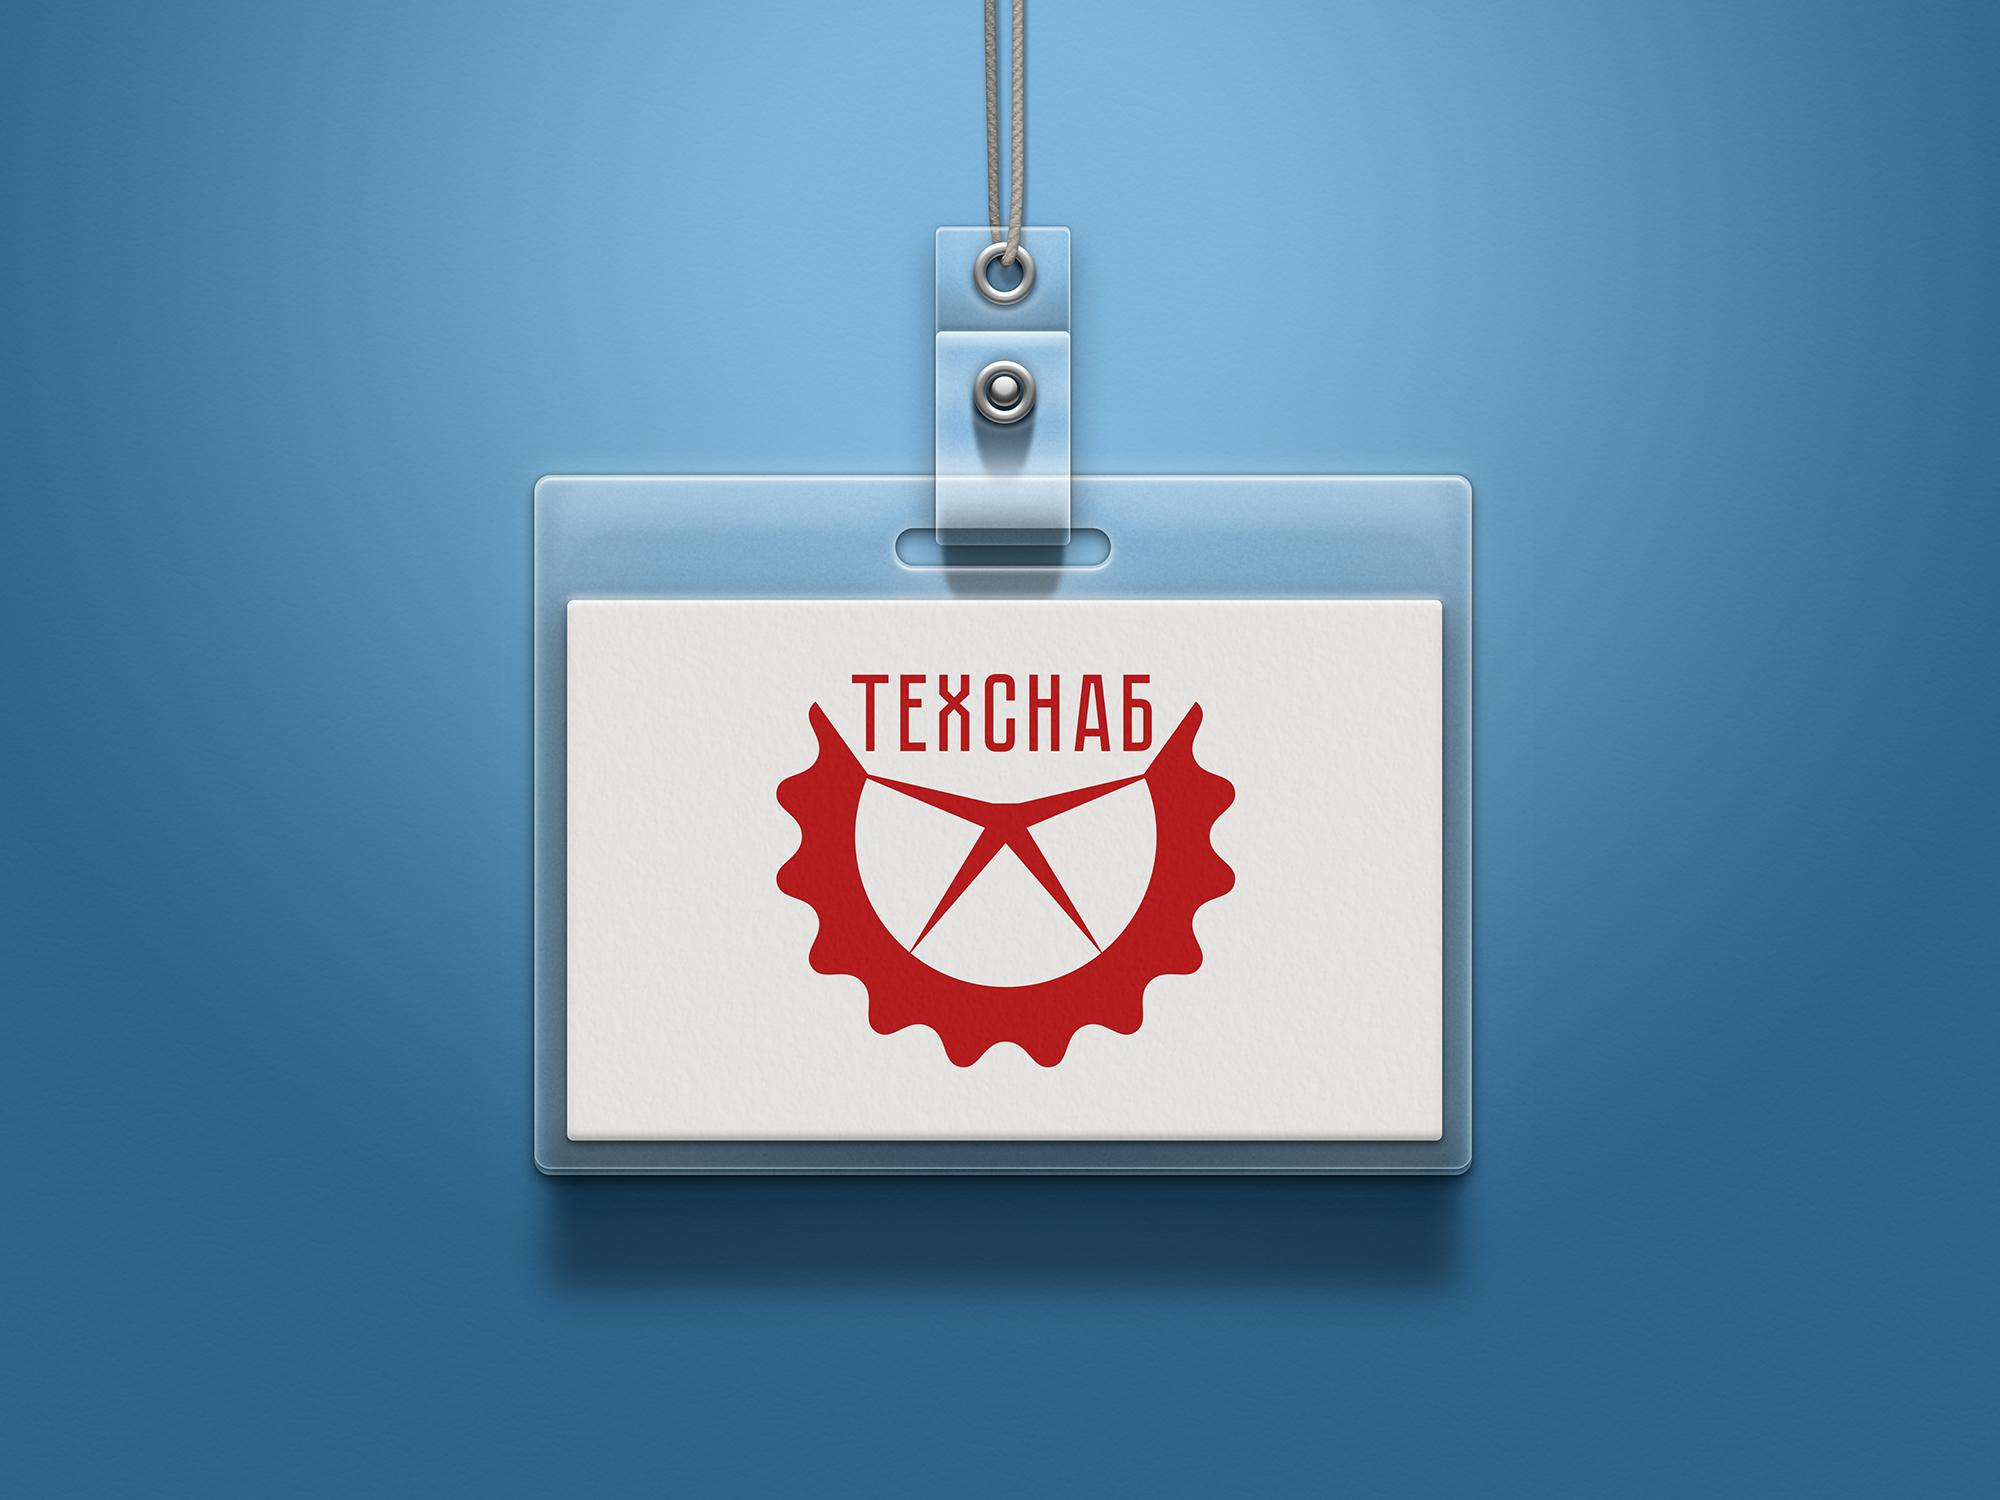 Разработка логотипа и фирм. стиля компании  ТЕХСНАБ фото f_7015b1eabb405869.jpg